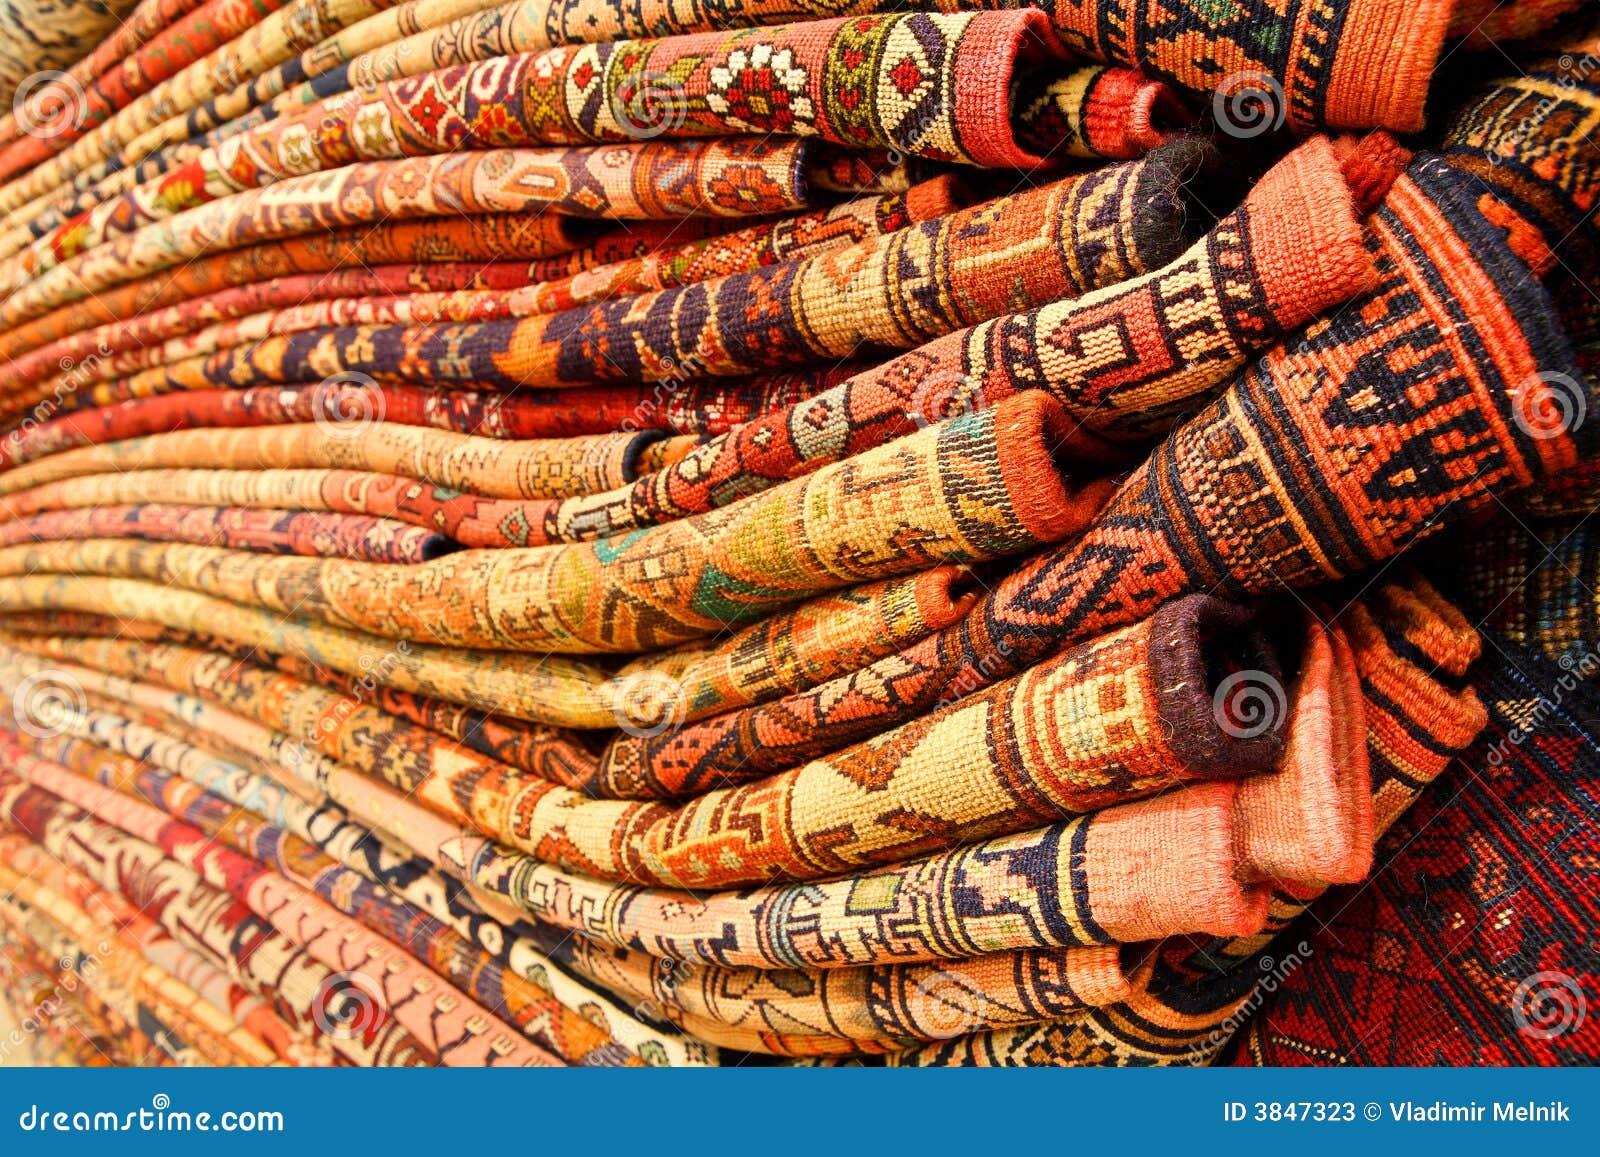 alfombras persas imagen de archivo imagen de colorido